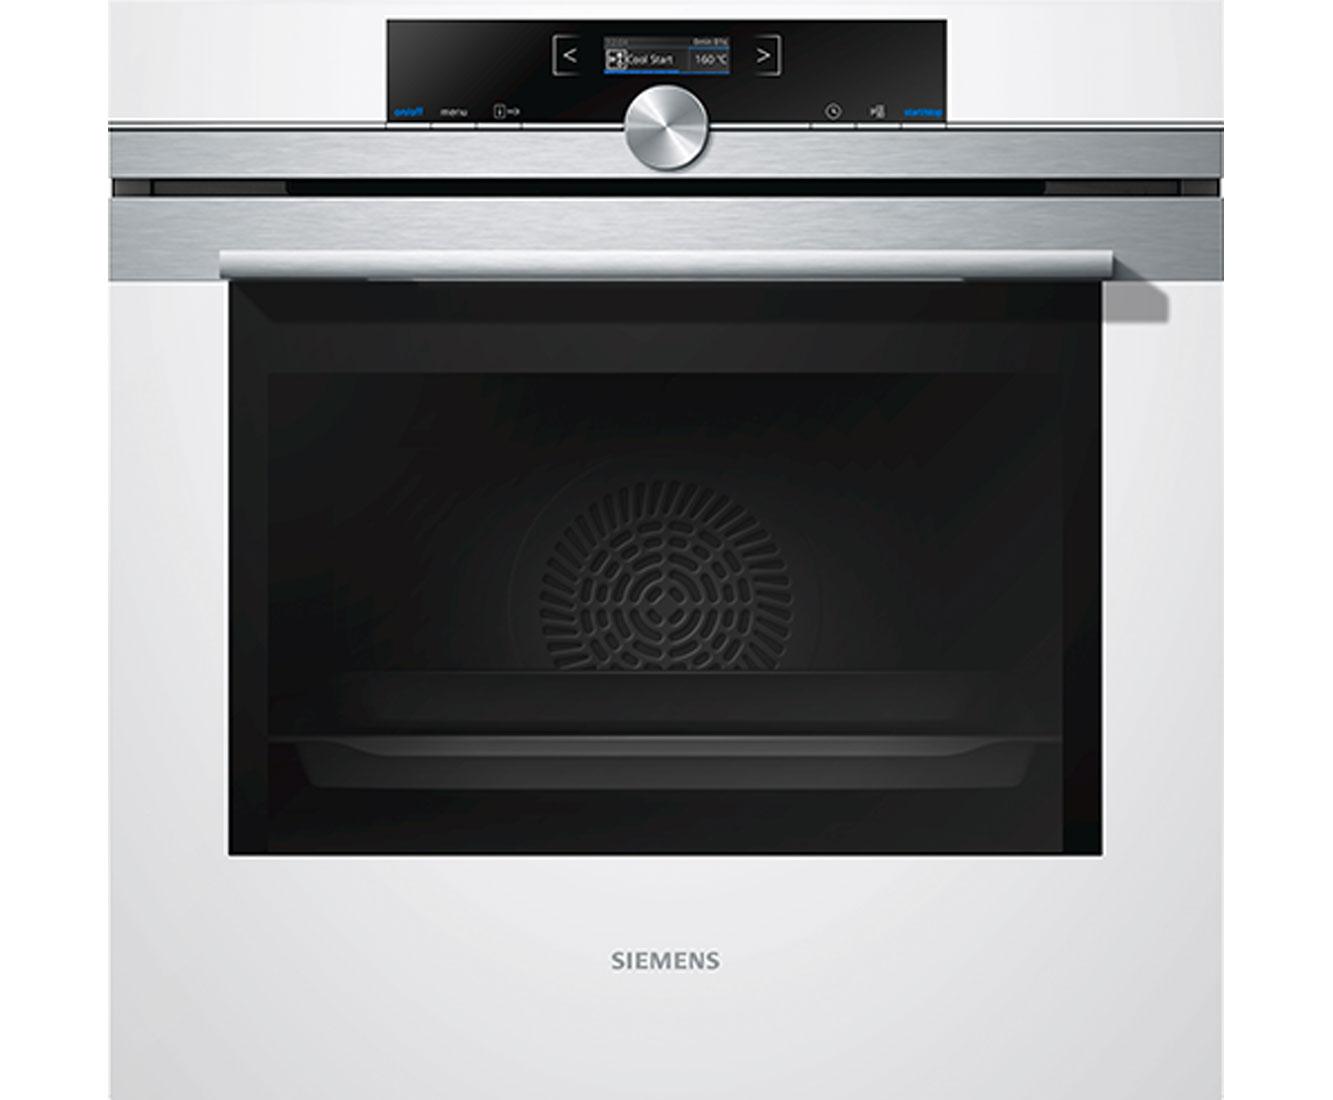 Siemens Kühlschrank 45 Cm Breit : Siemens backofen a preisvergleich u die besten angebote online